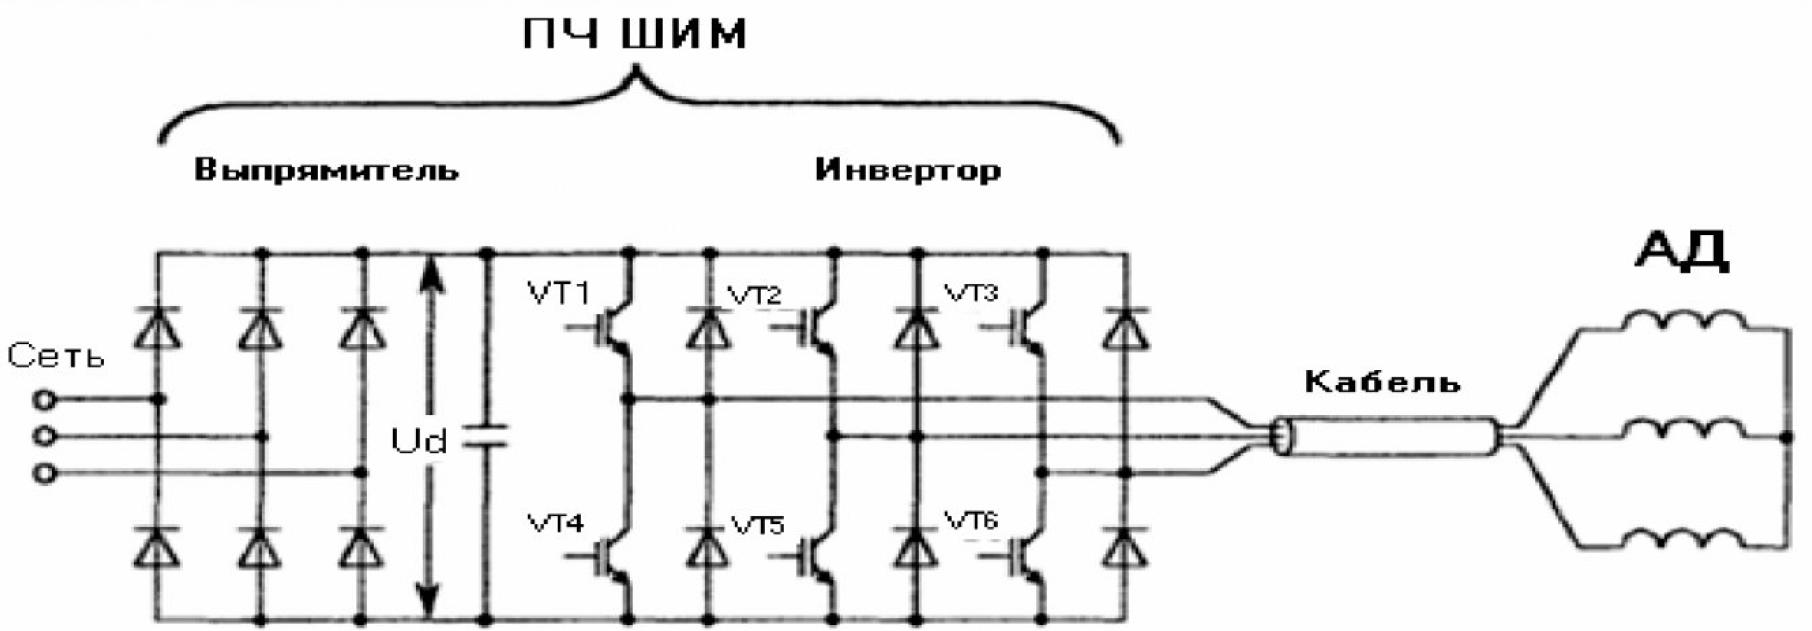 Особенности исследования работы системы ПЧ с ШИМ–кабель–АД 1